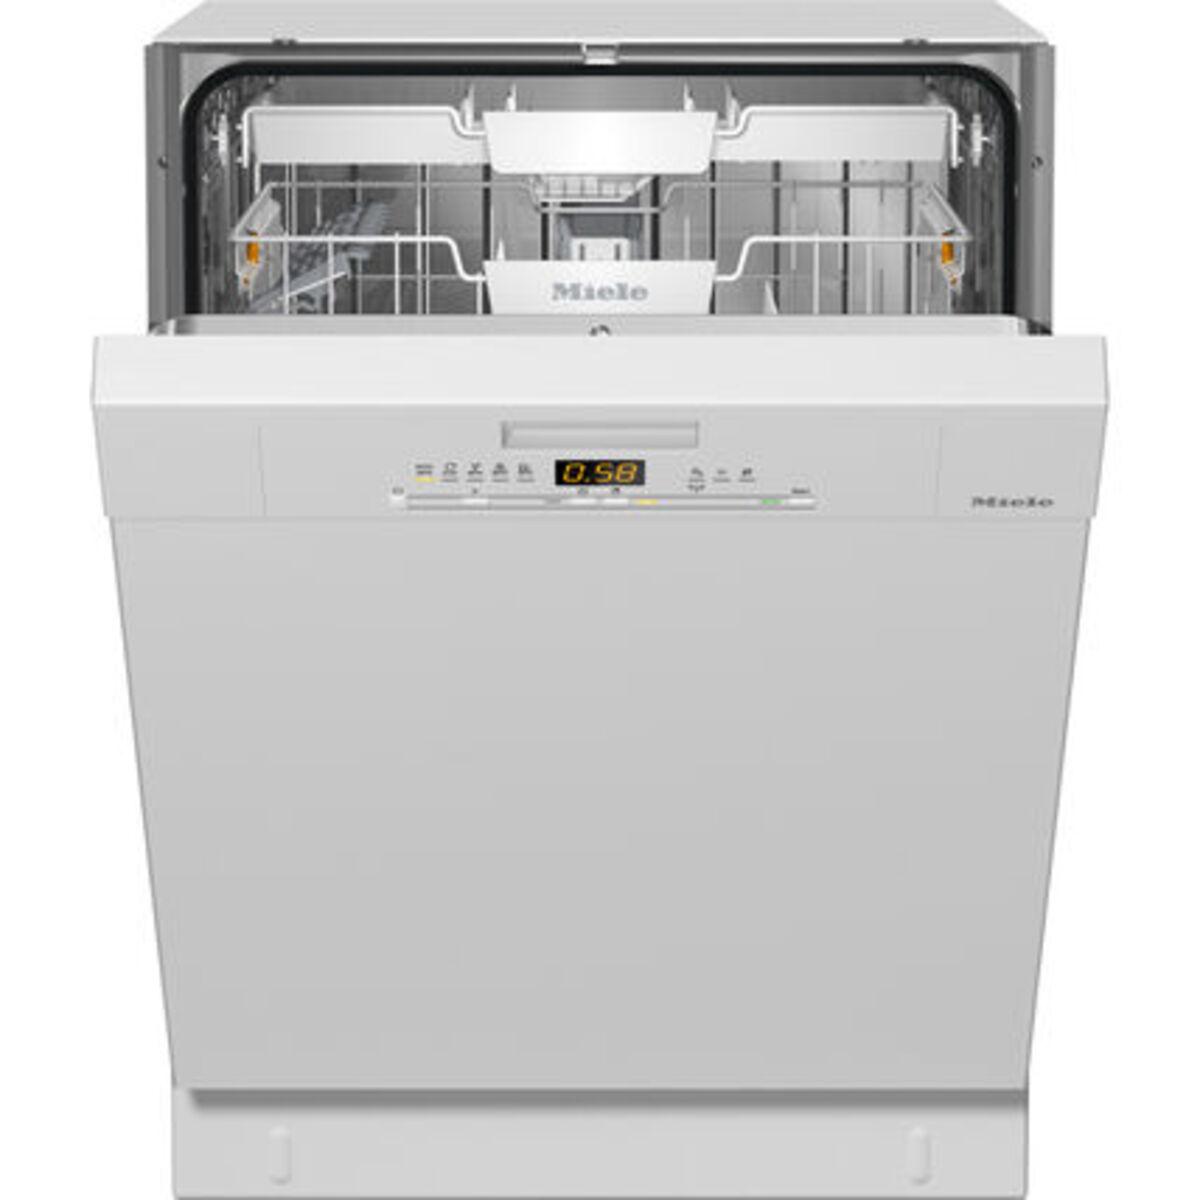 Bild 1 von Miele G 5000 SCU Active BRWS Unterbau-Geschirrspüler ohne Dekorplatte, weiß, A++